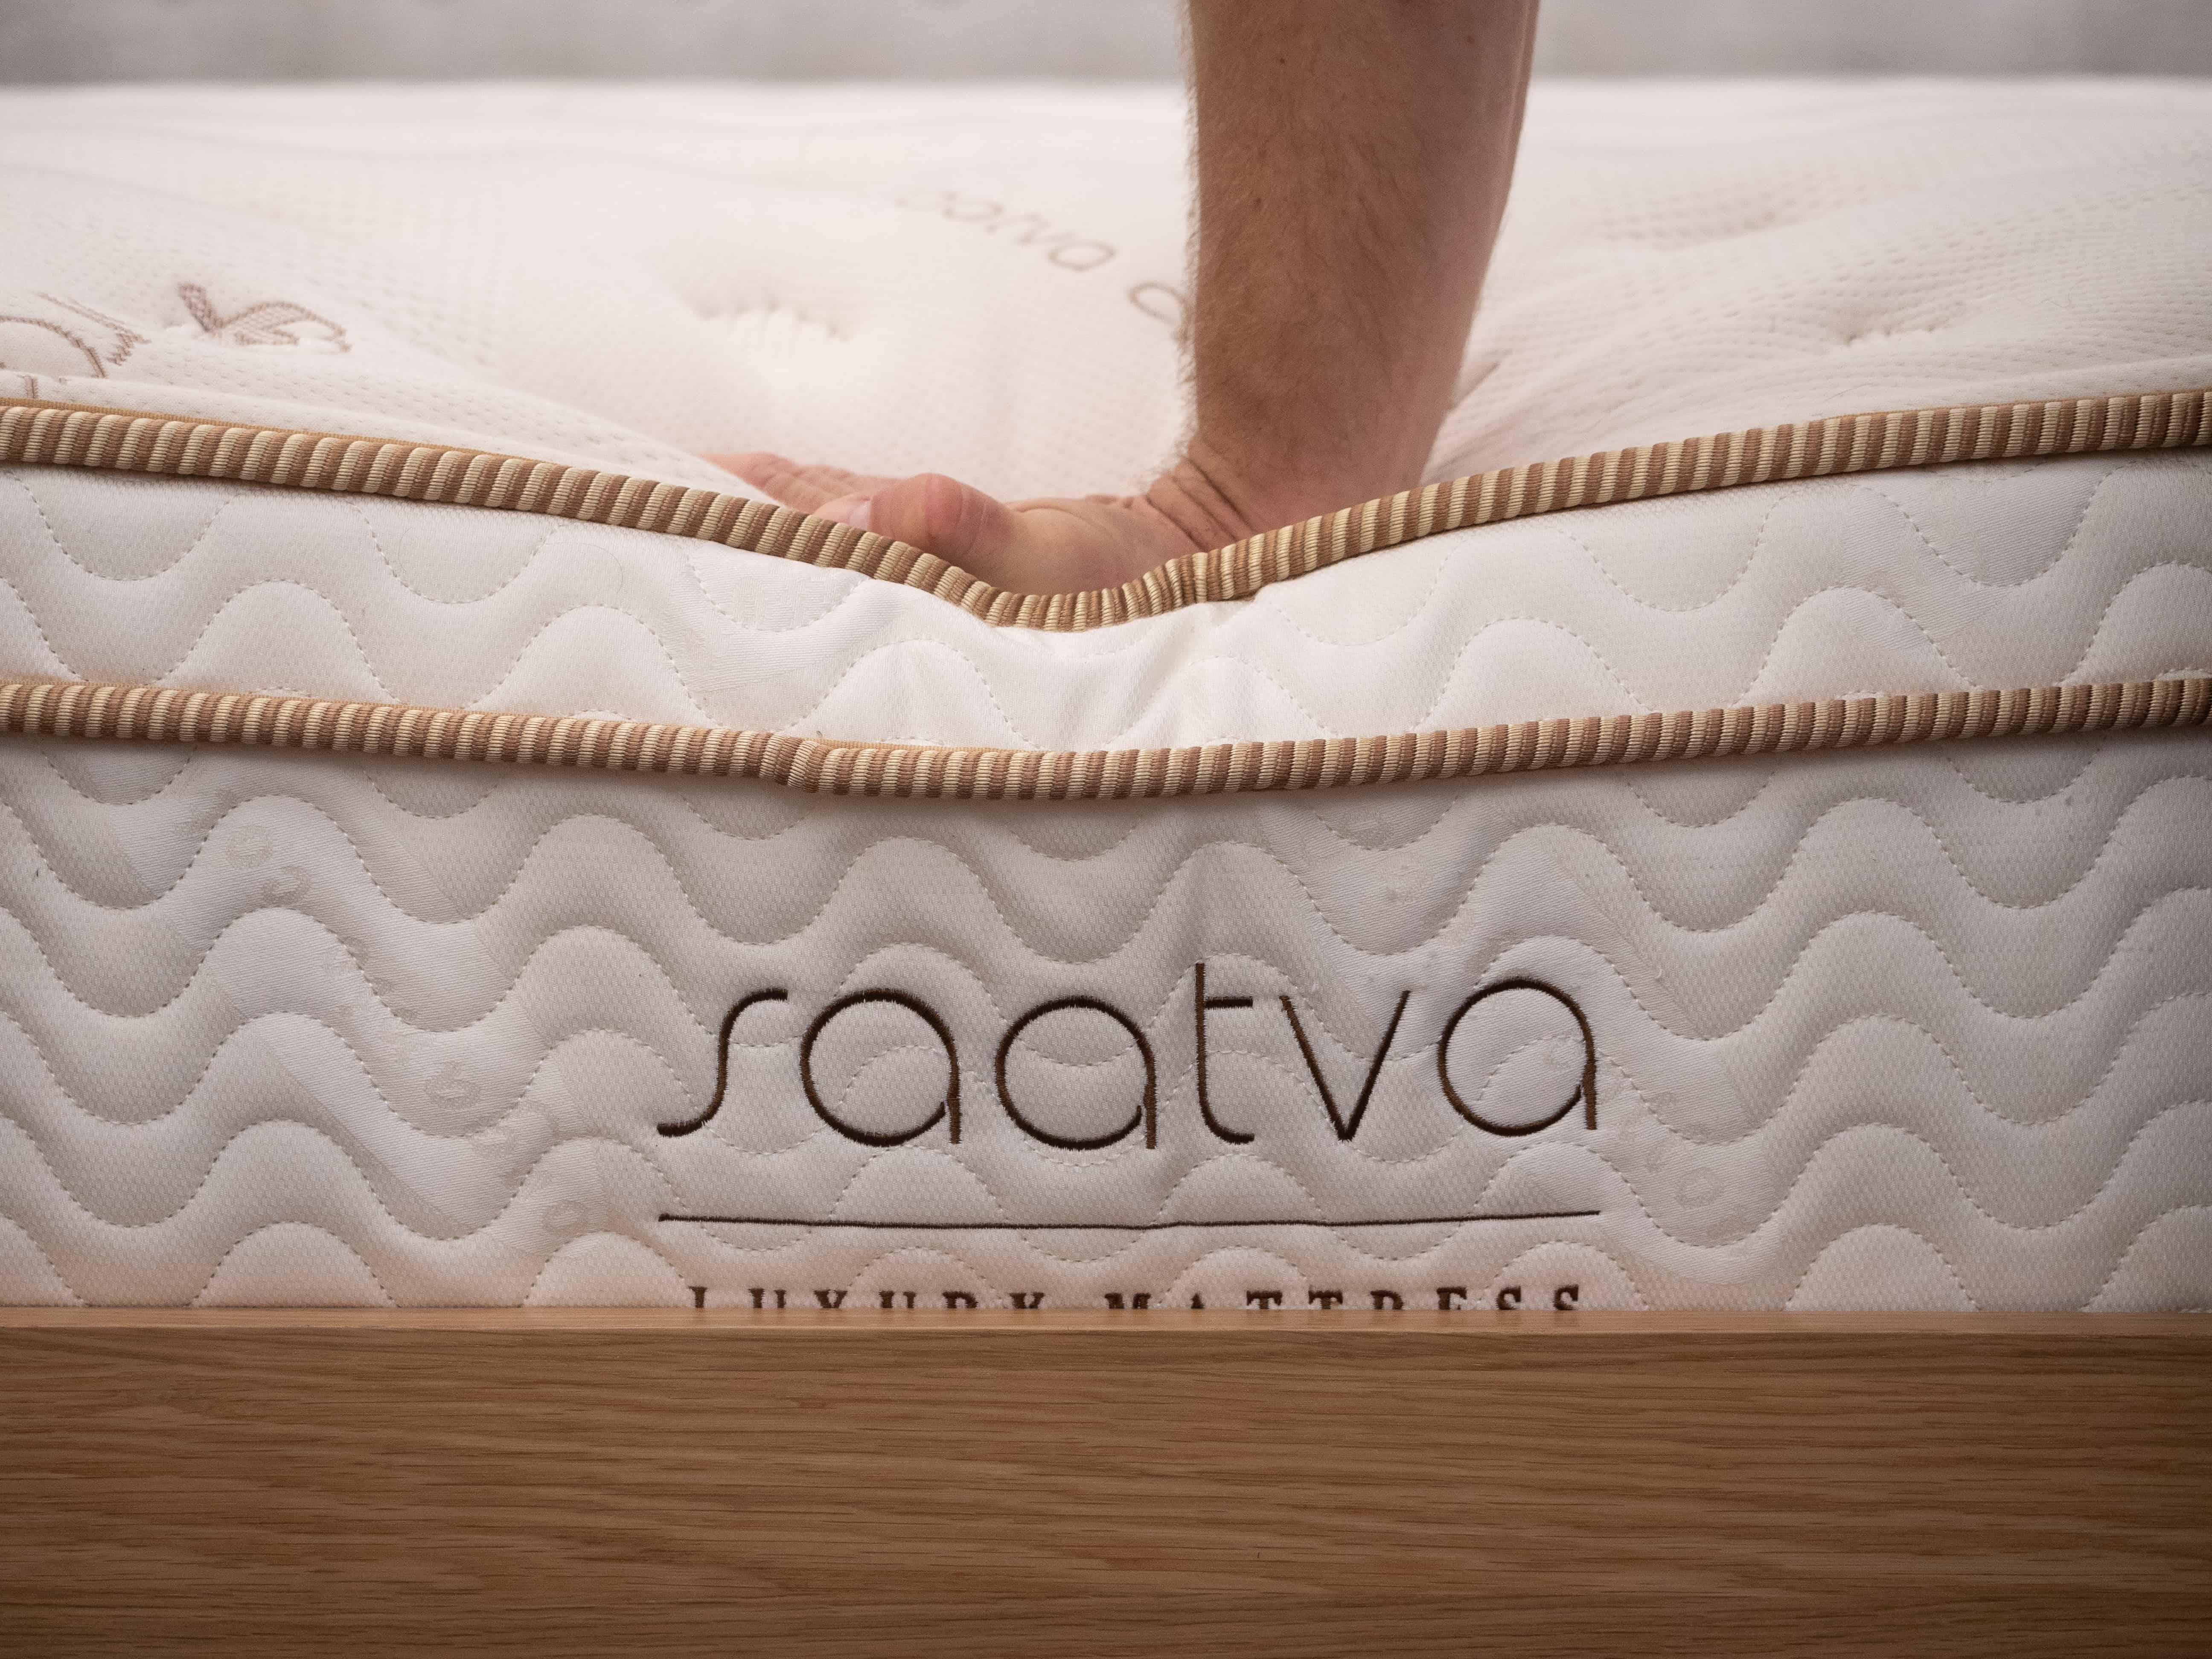 2155669 Saatva Mattress Review: Is a Saatva a Good Mattress?